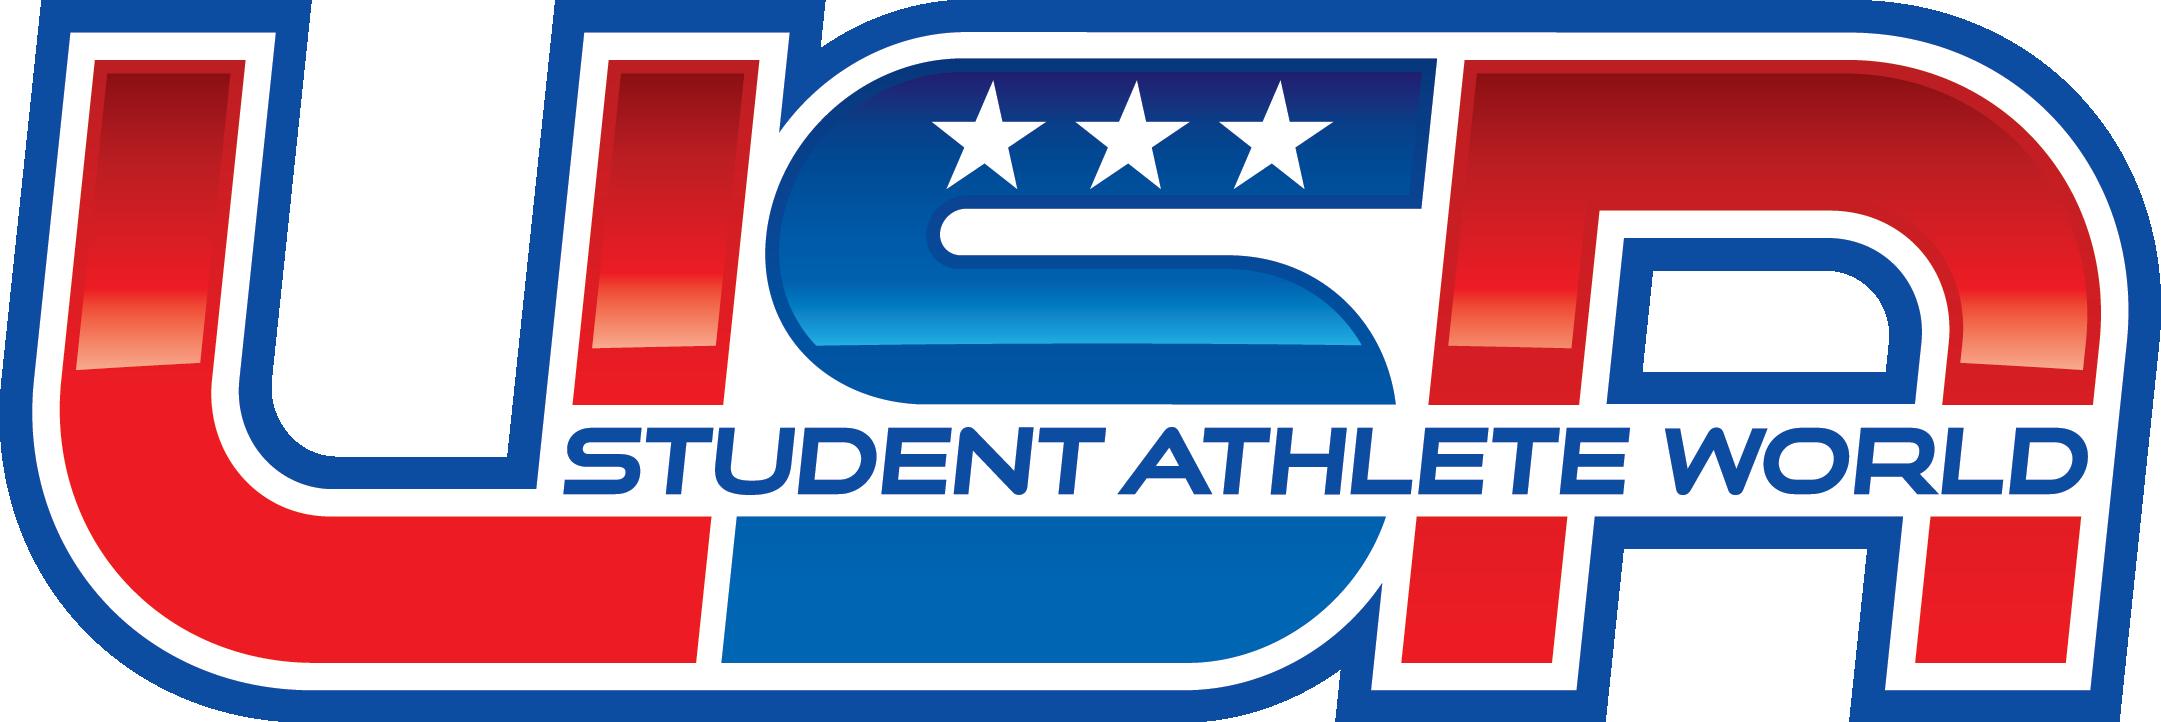 Student Athlete World Logo - September 2018 Newsletter